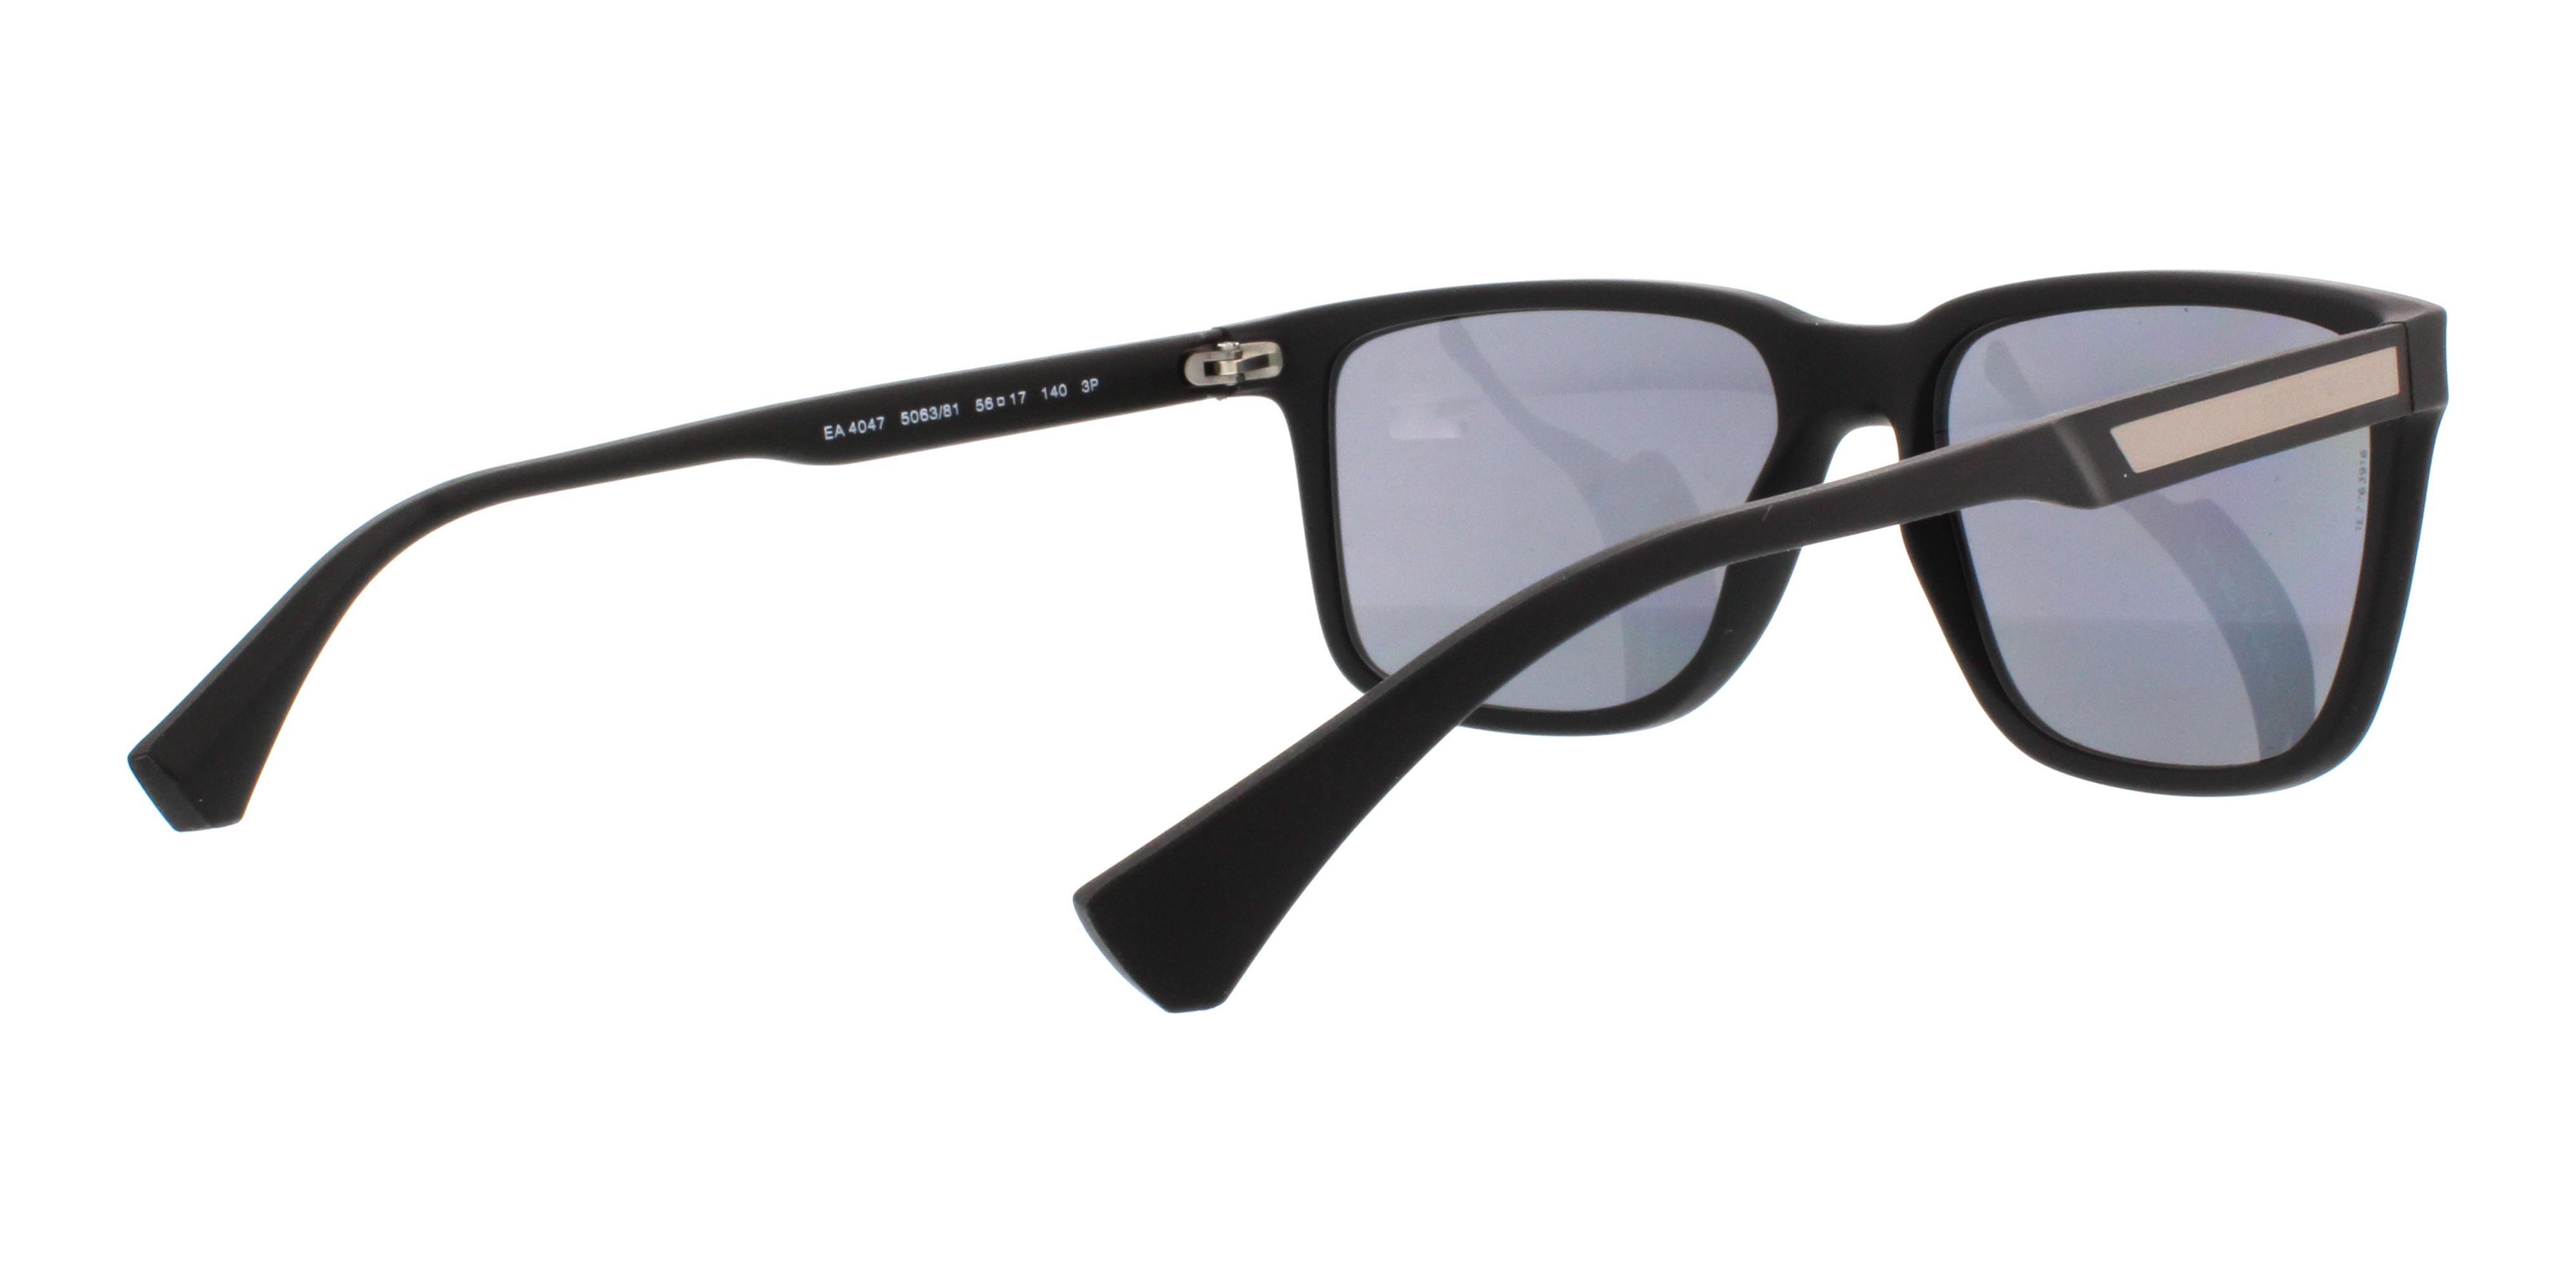 7954bce6d3dc EMPORIO ARMANI Sunglasses EA4047 506381 Black Rubber 56MM